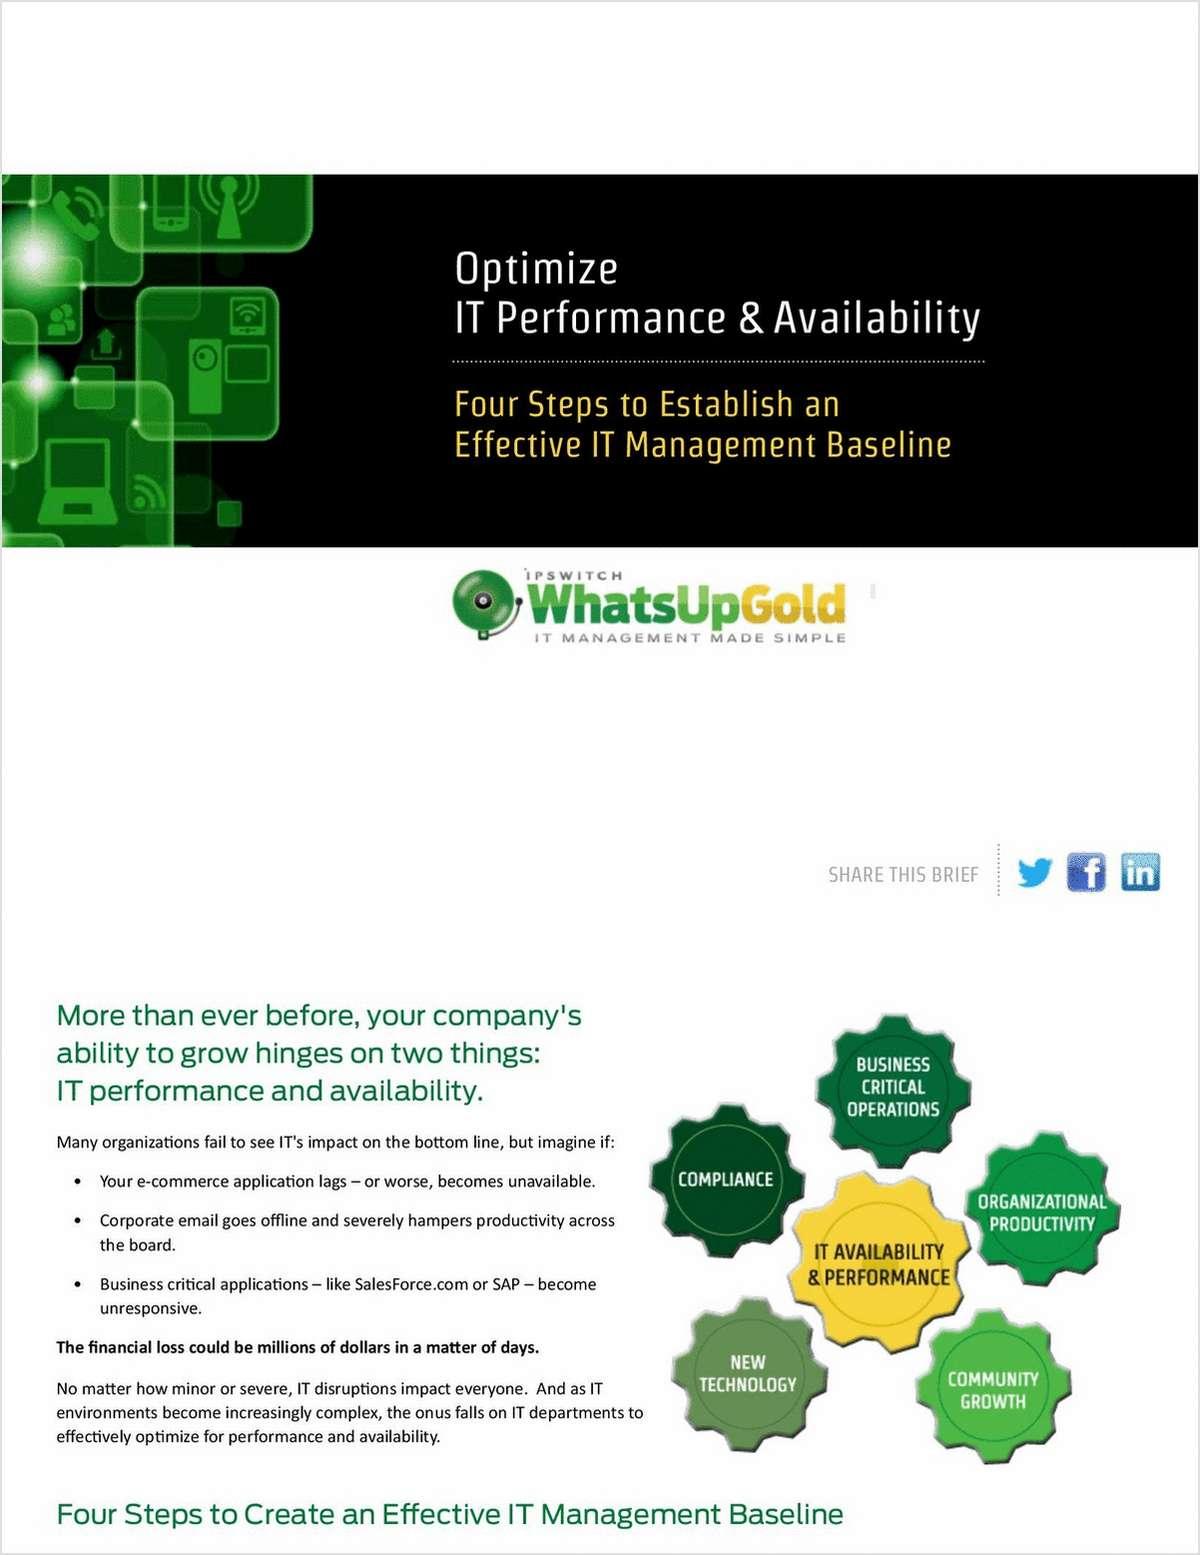 Optimize IT Performance & Availability: Four Steps to Establish Effective IT Management Baselines